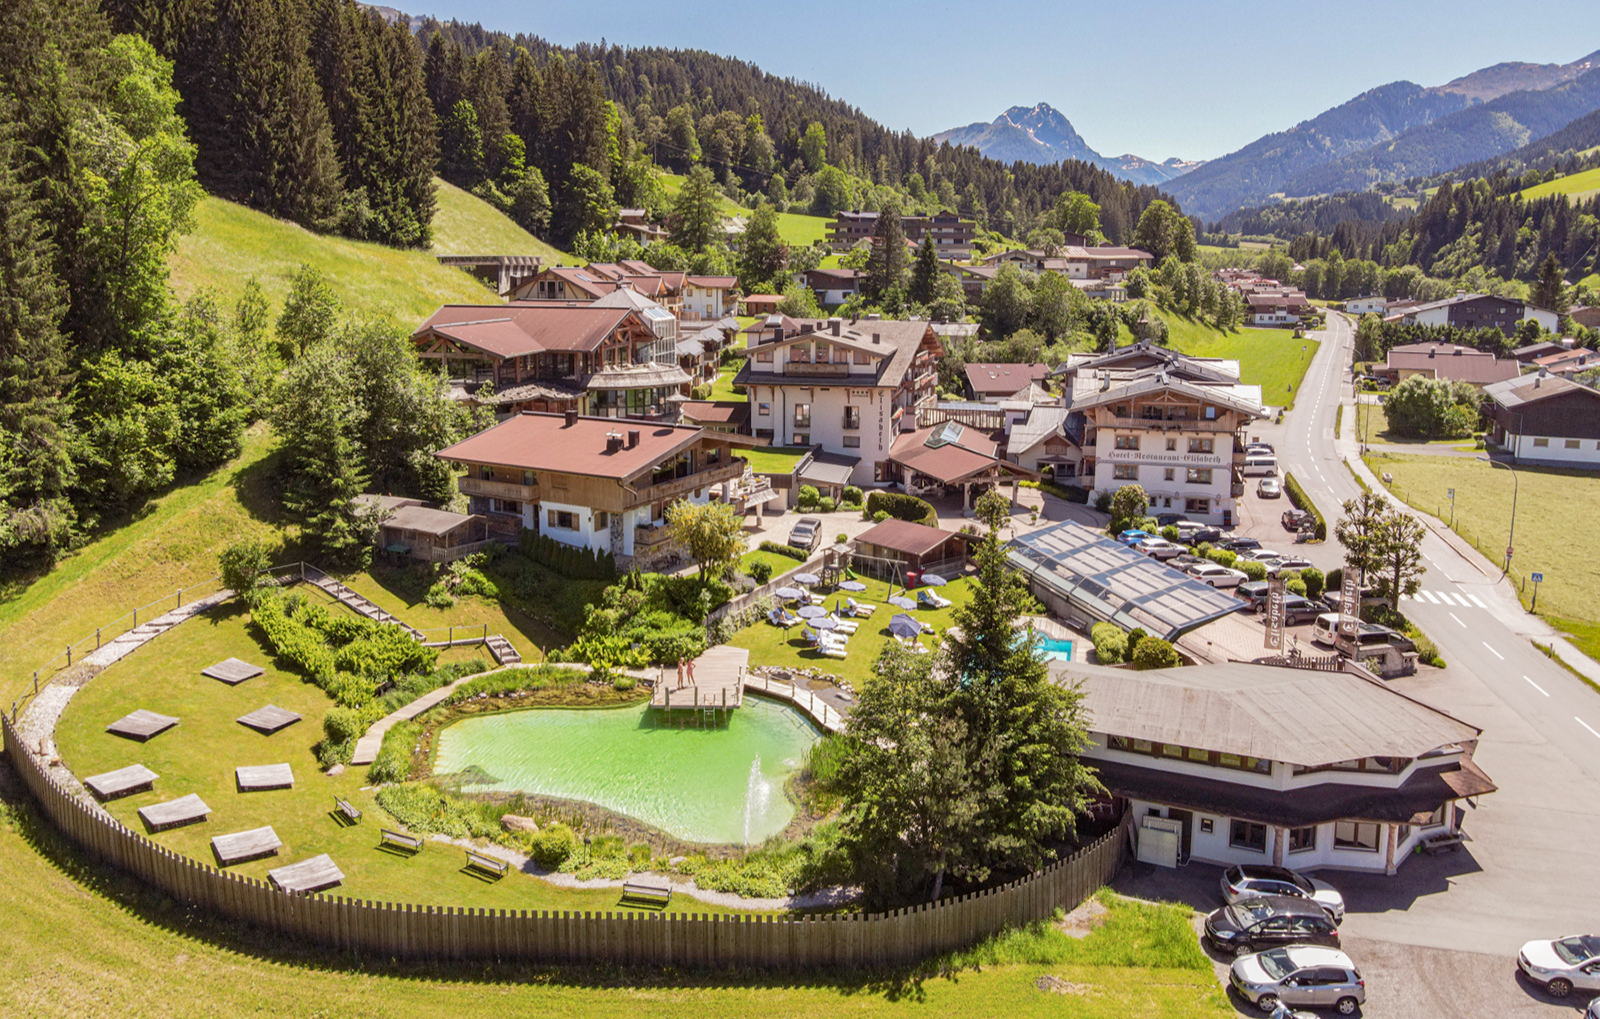 wellnesshotels-kirchberg-in-tirol-bg10